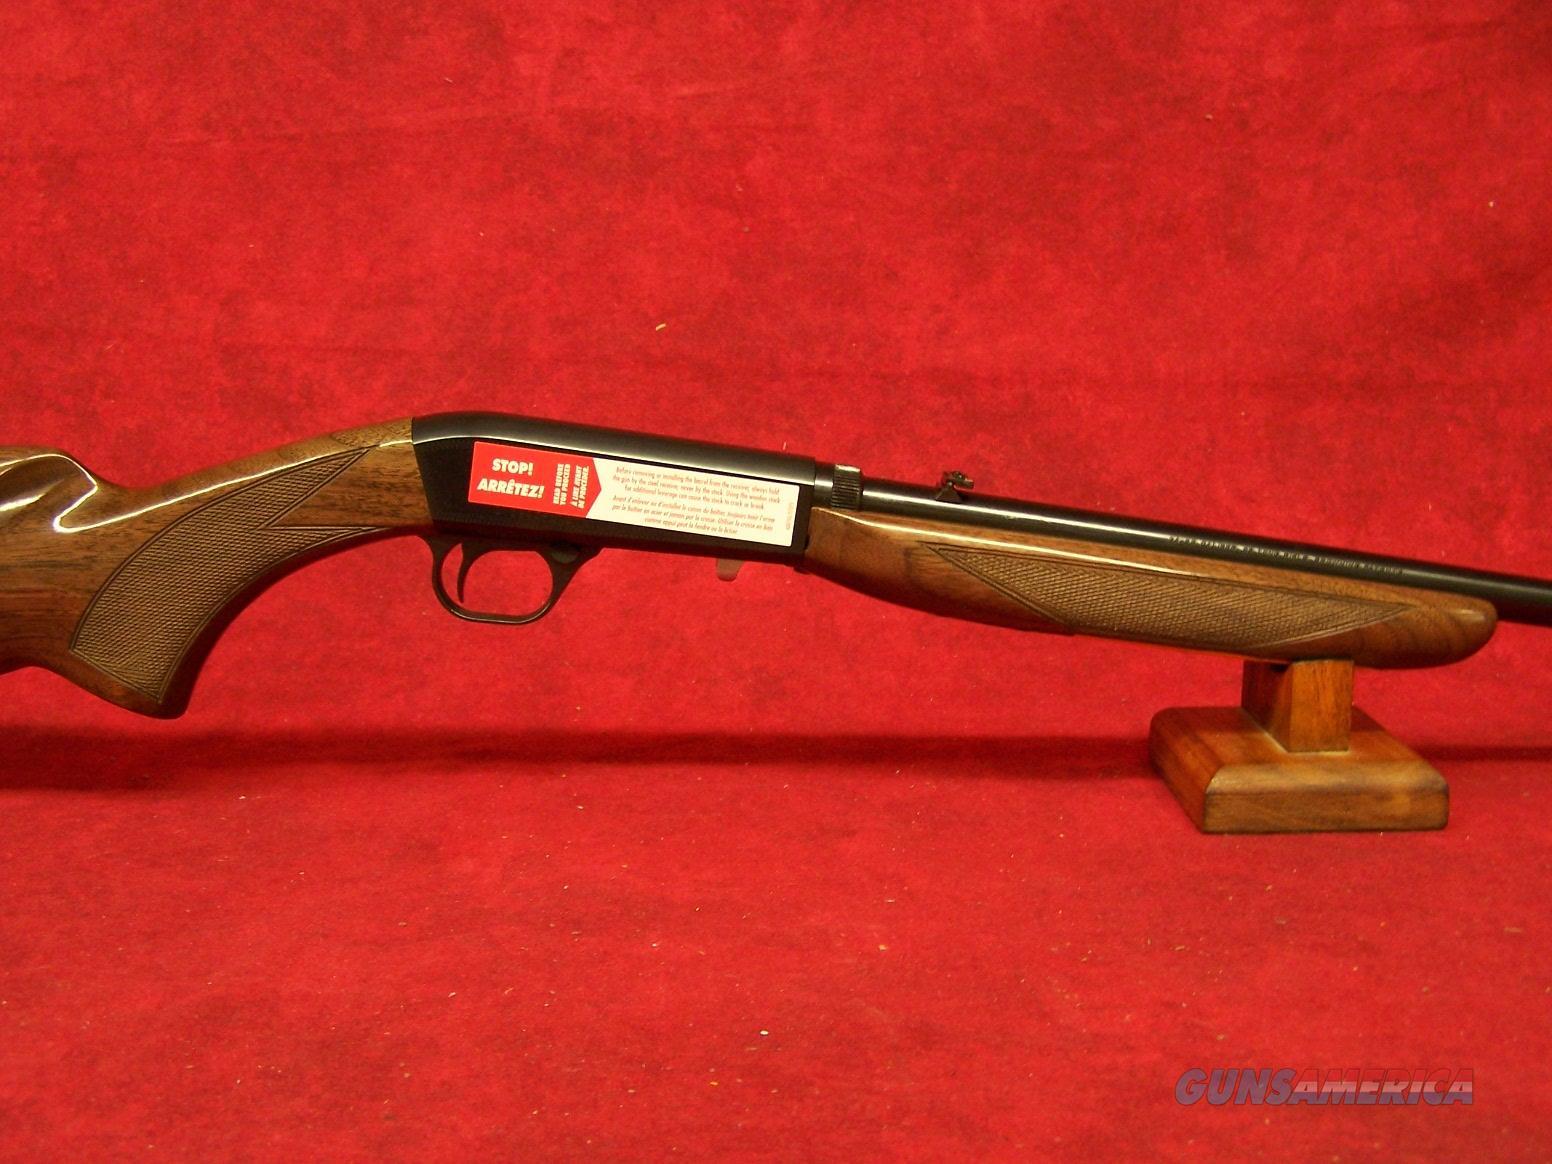 """Browning SA-22 .22 Long Rifle 19.25"""" Polished Blue Grade 1 (021001102)  Guns > Rifles > Browning Rifles > Semi Auto > Hunting"""